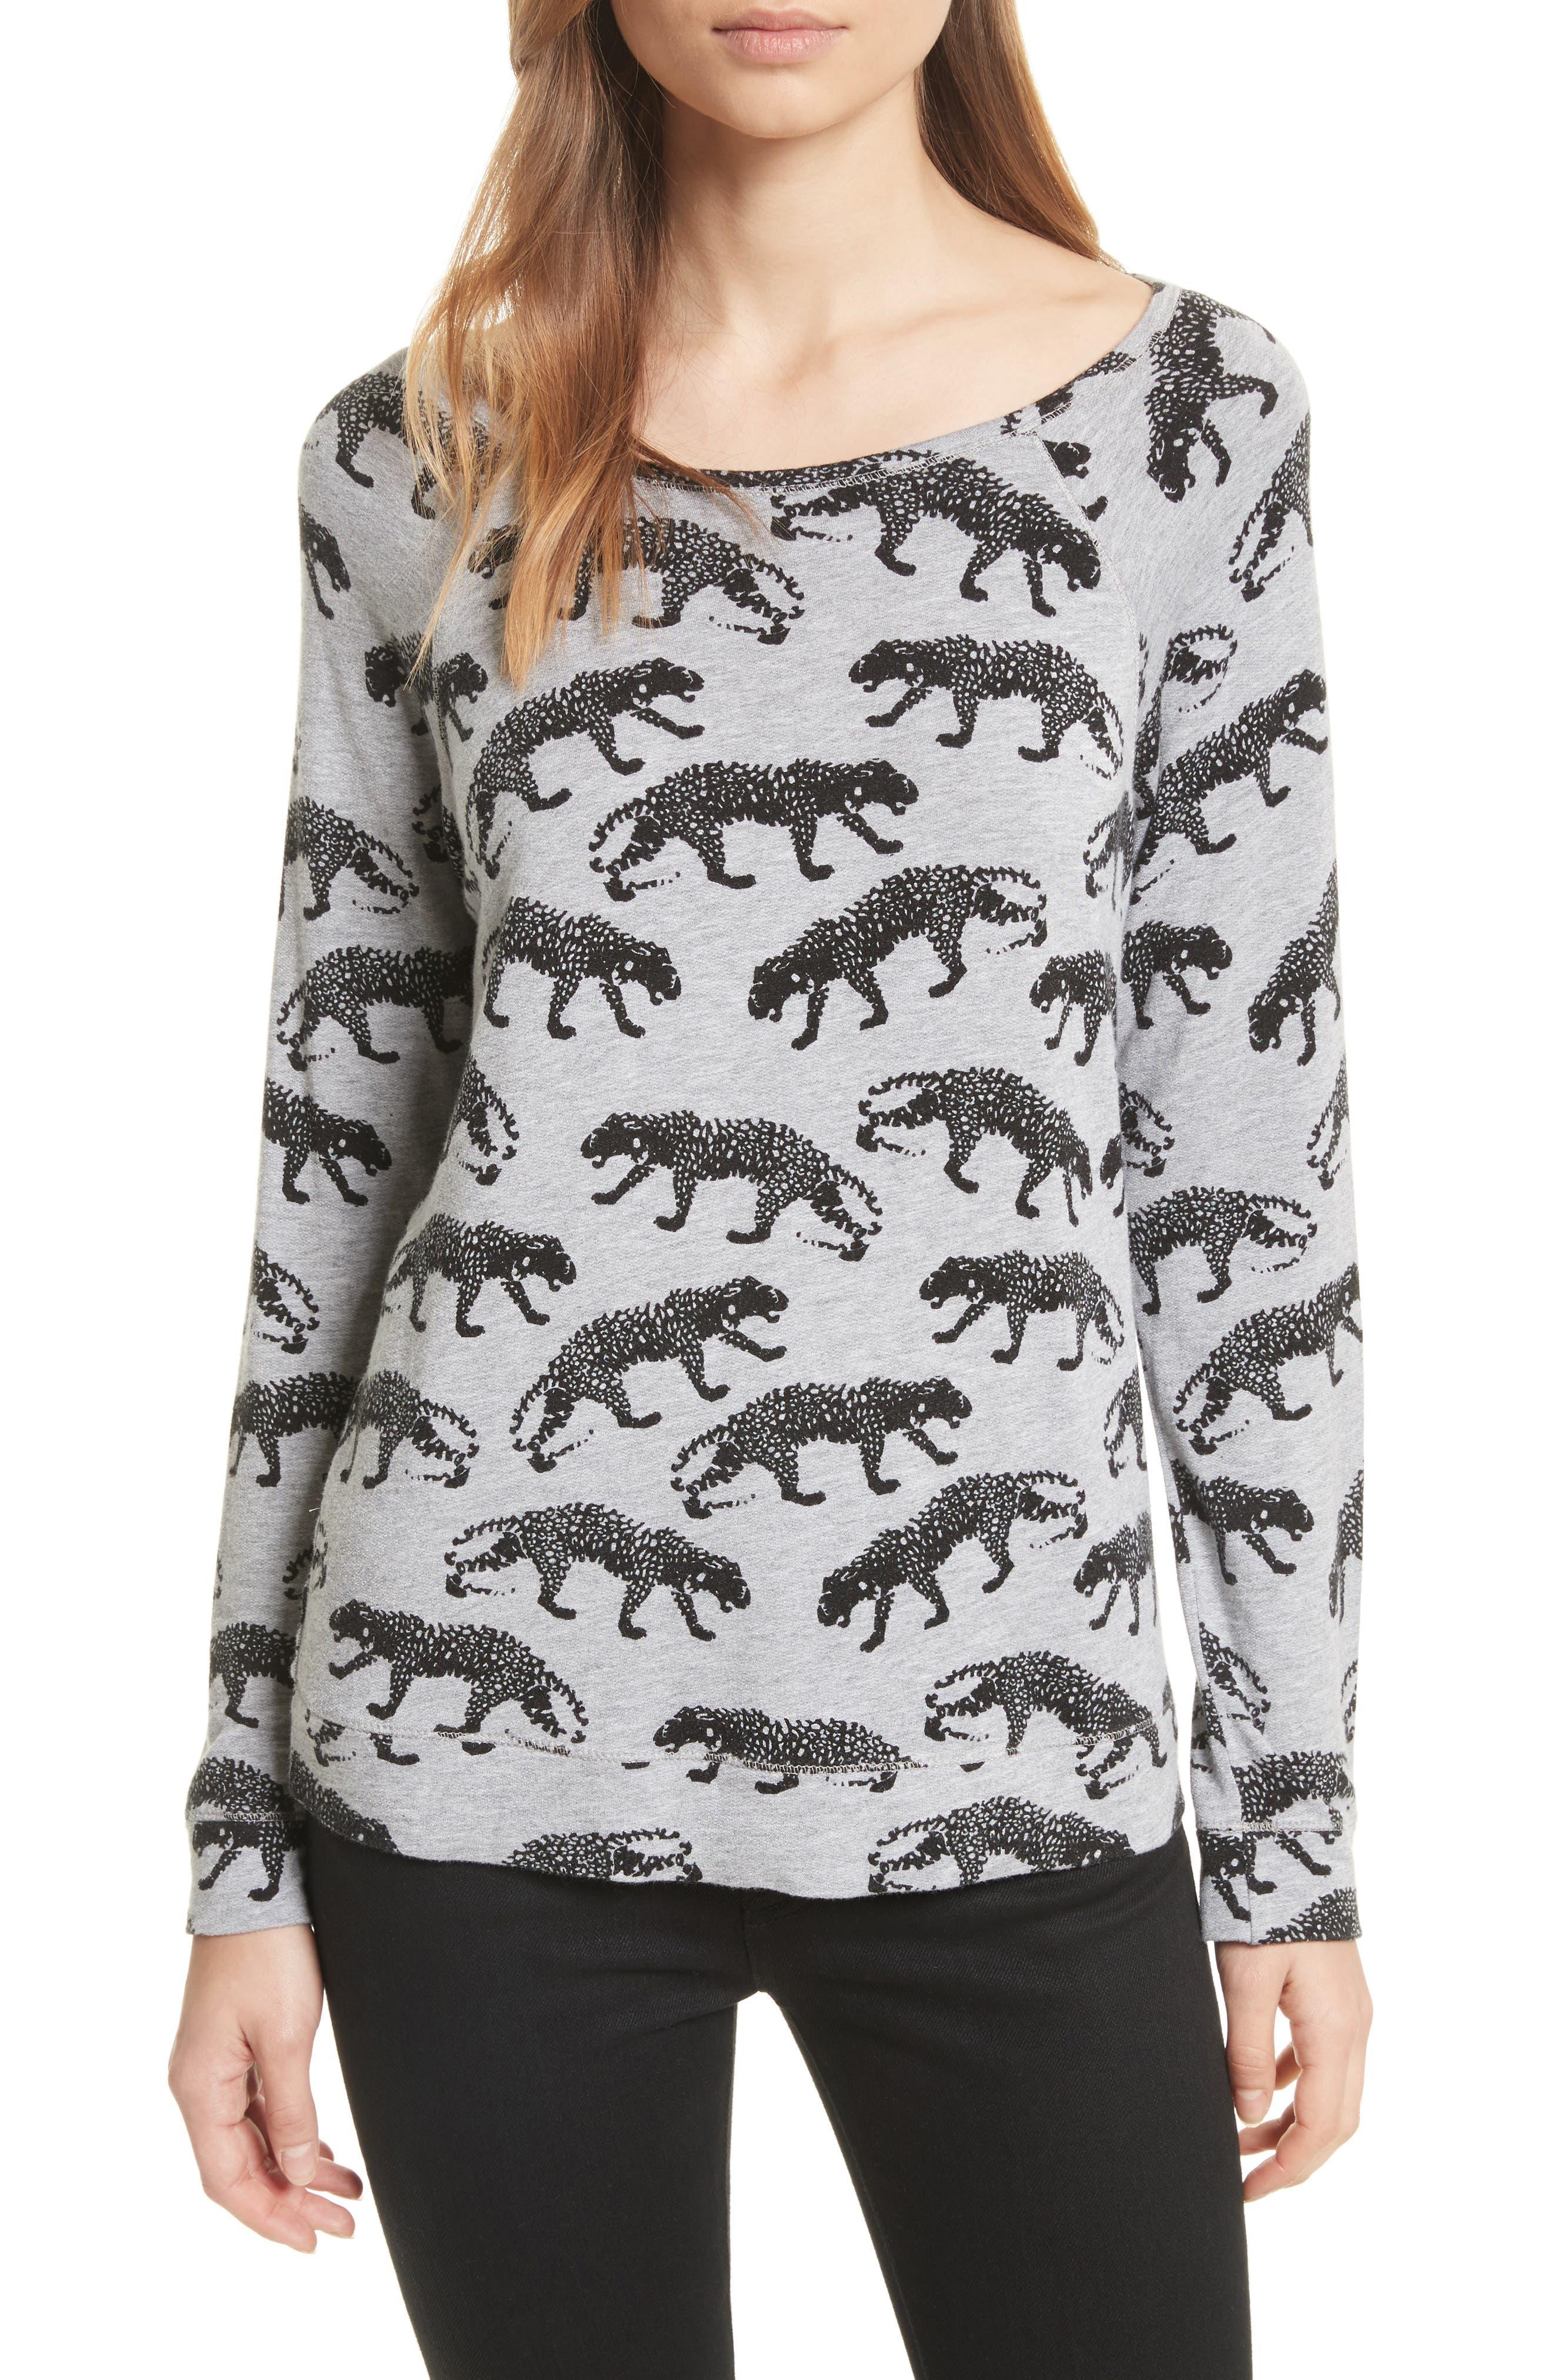 Main Image - Soft Joie Annora B Animal Print Sweatshirt